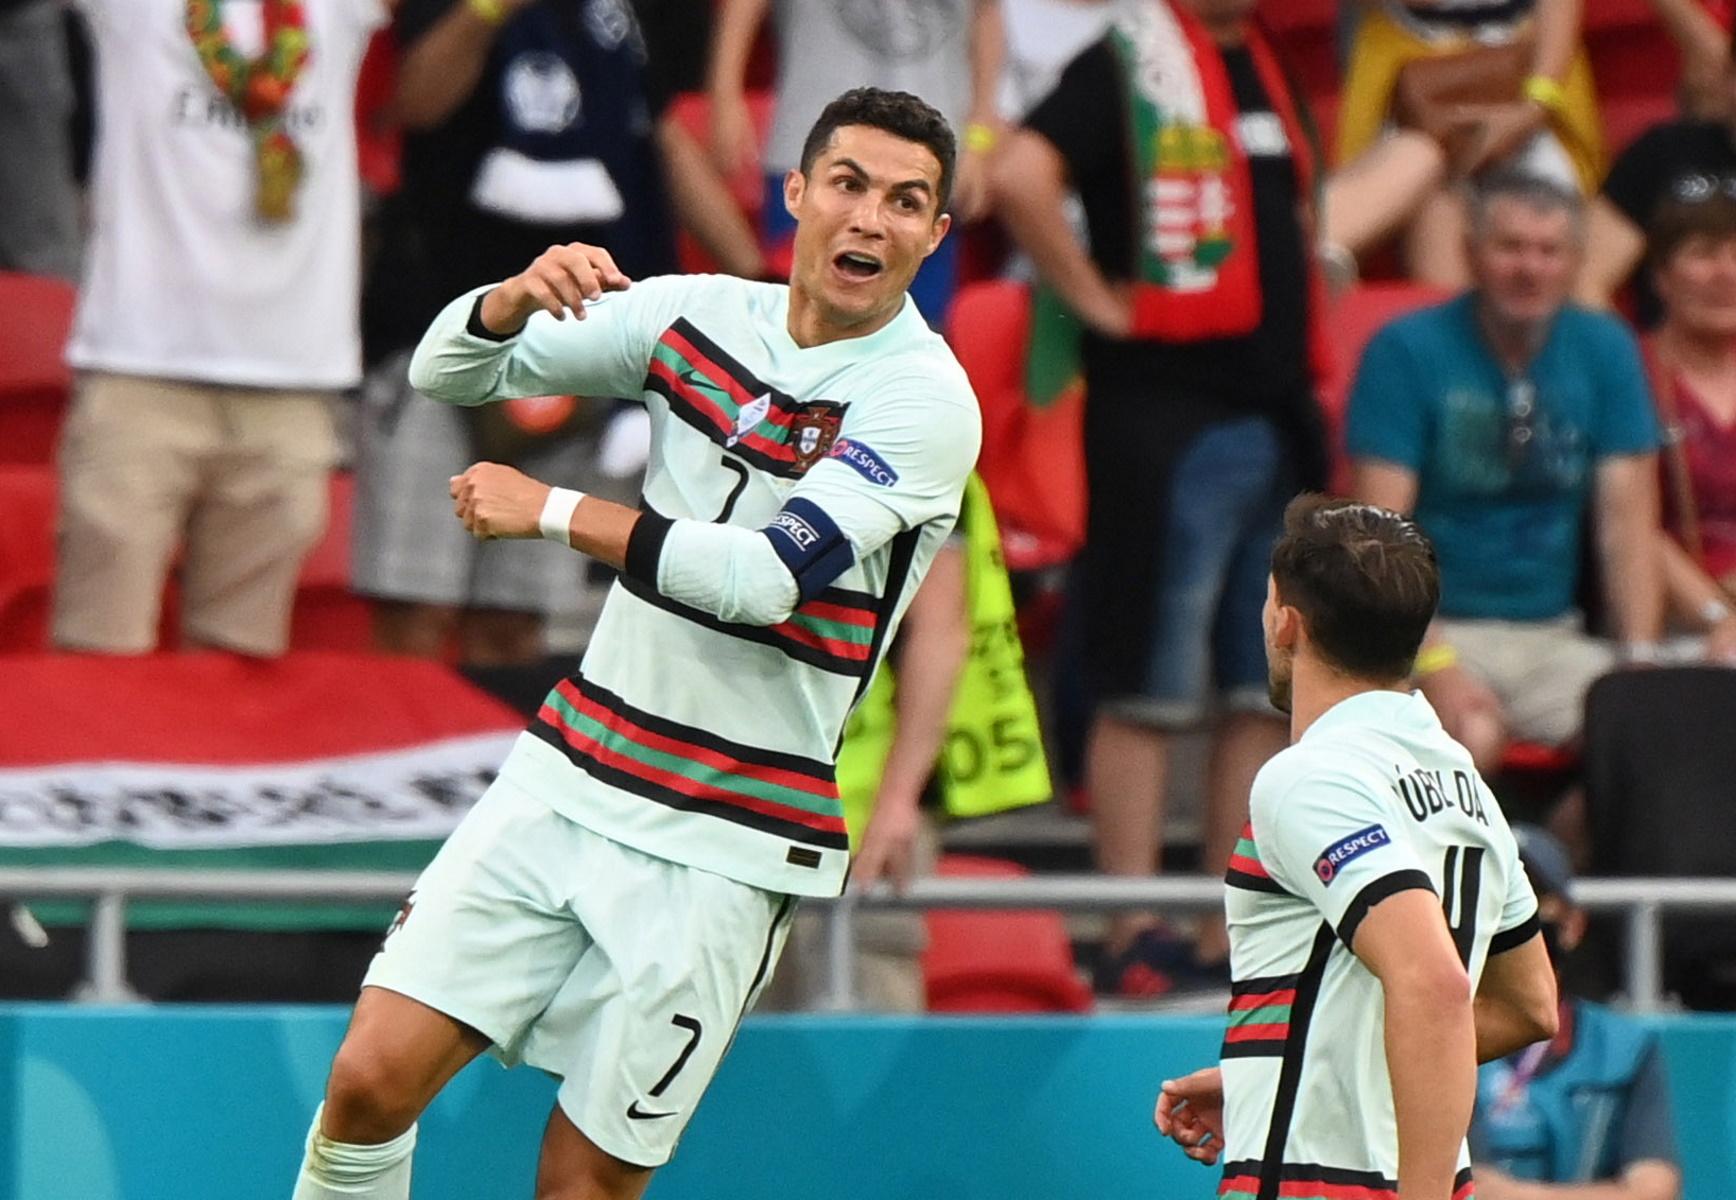 Κριστιάνο Ρονάλντο: Το νέο του ρεκόρ σε Euro – Ξεπέρασε τον Σεφτσένκο